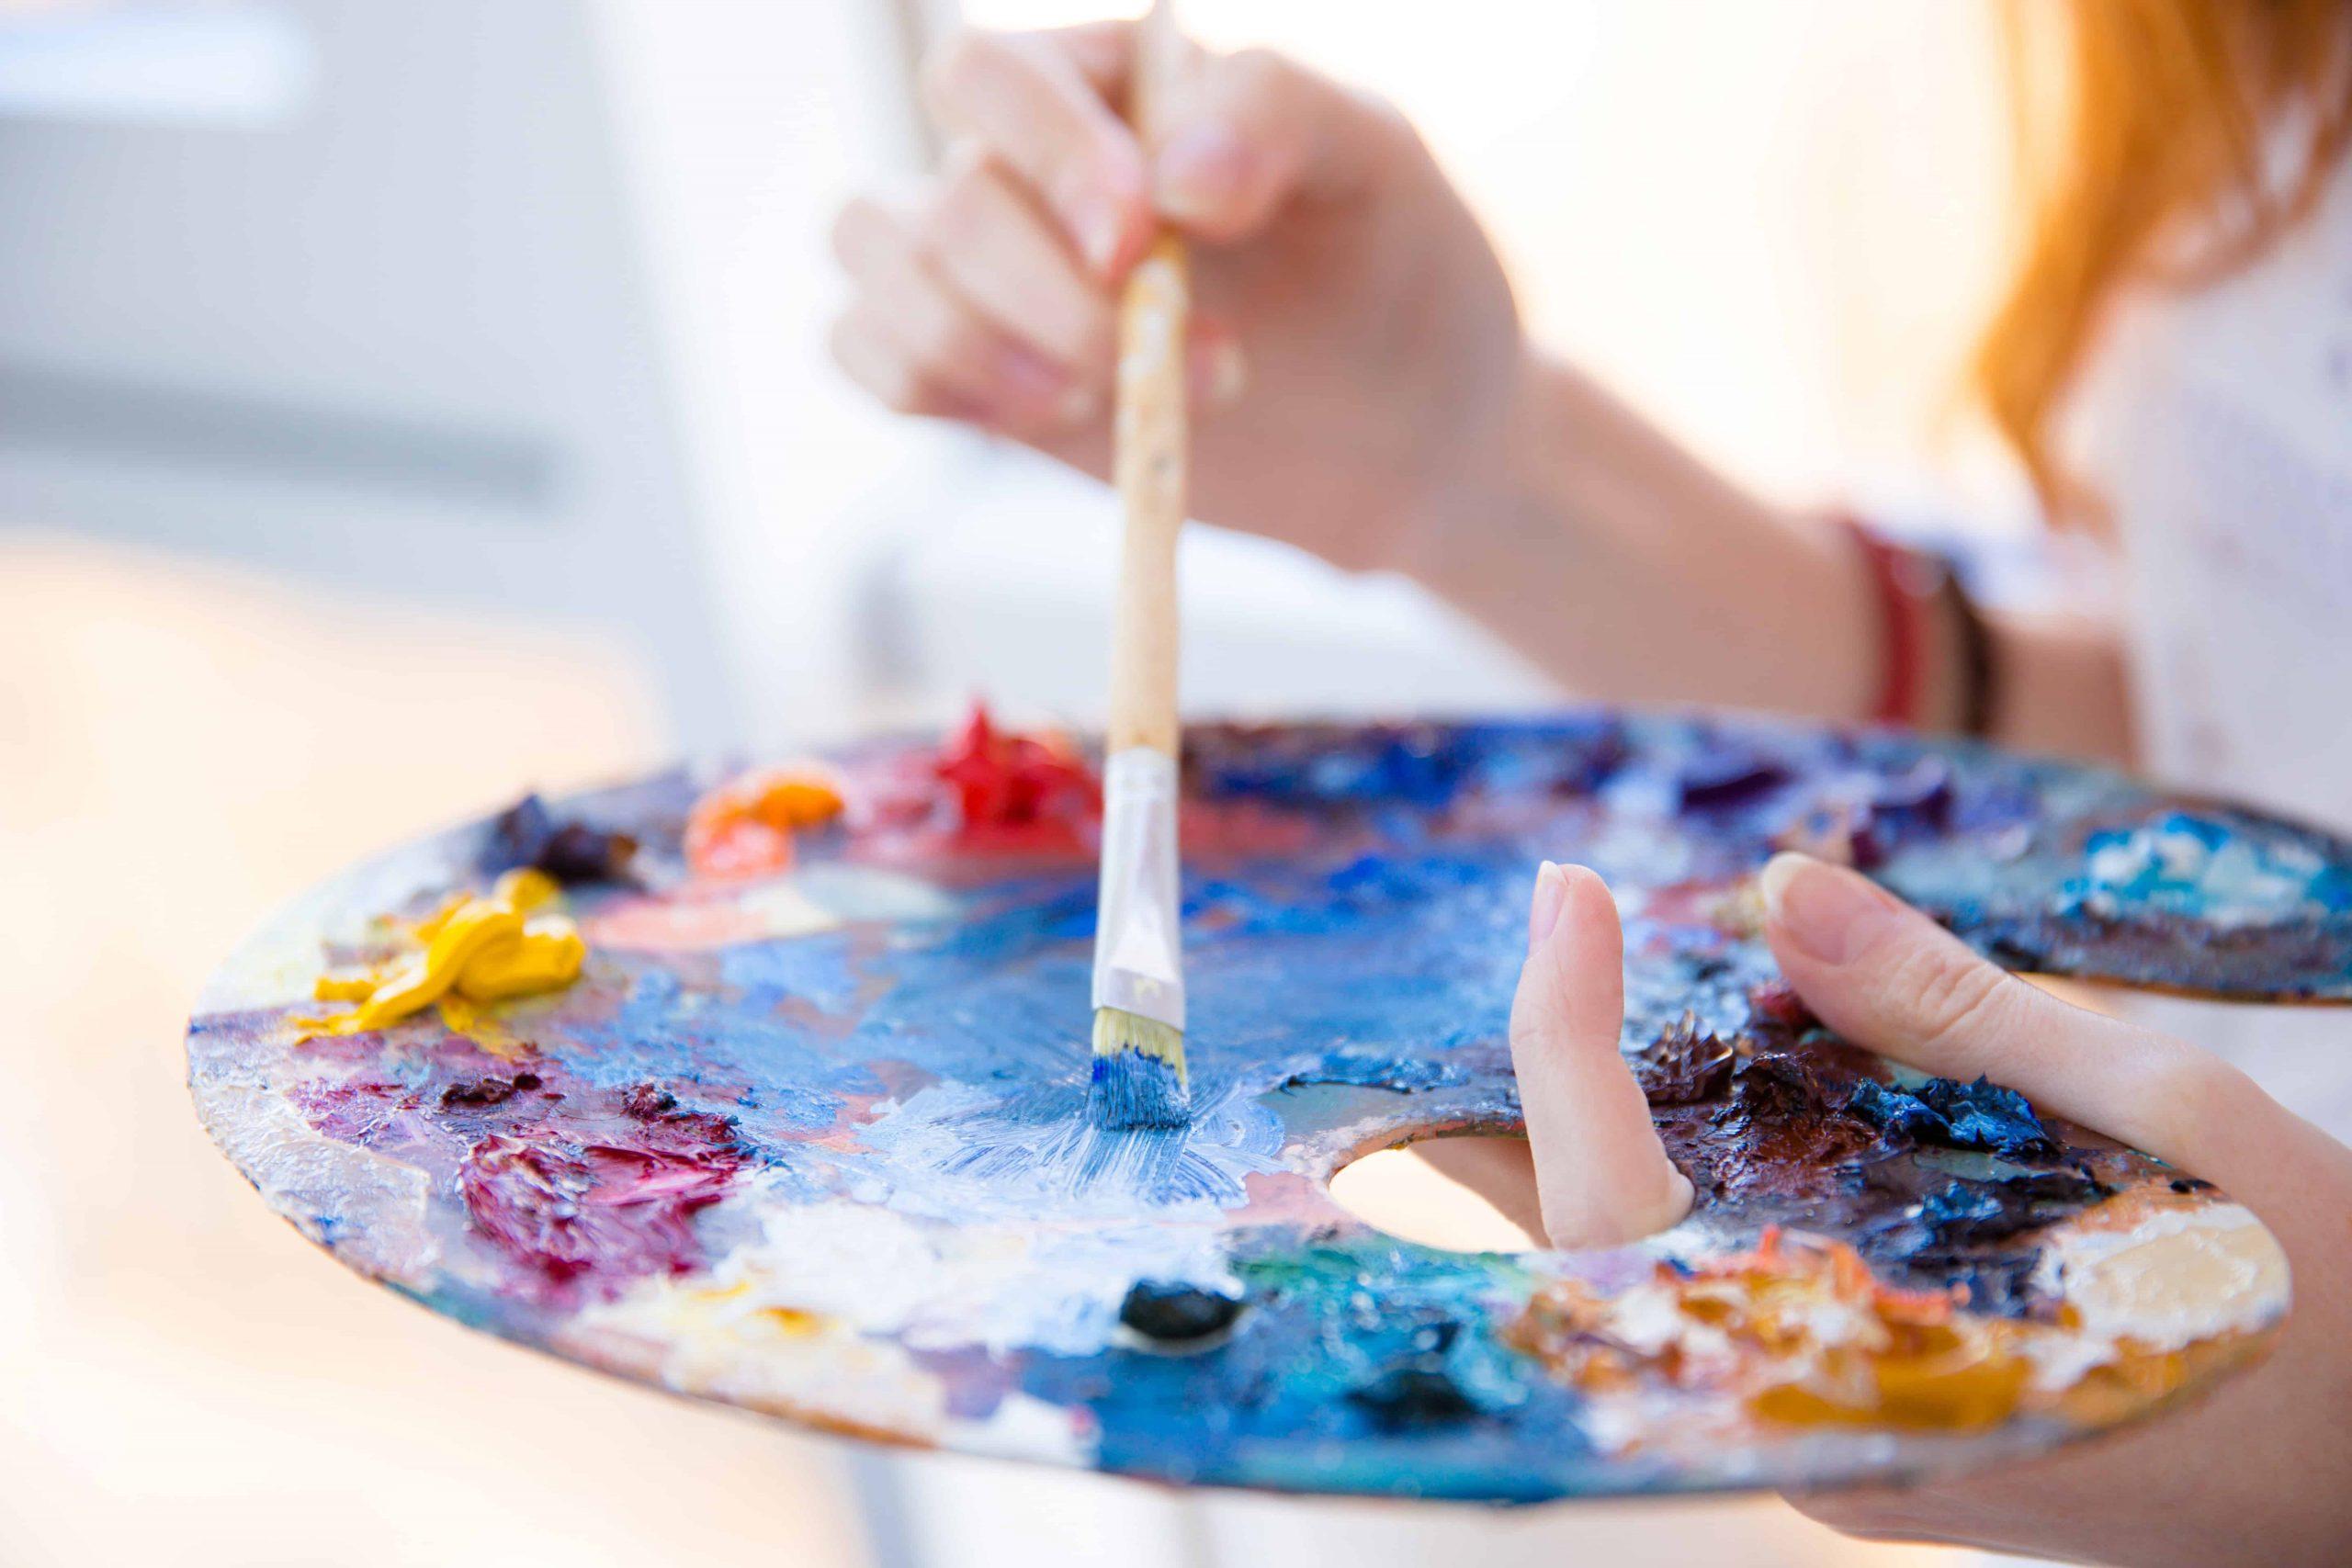 Migliore Marca Pittura Per Esterni miglior prodotti per pittura a olio 2020: guida all'acquisto